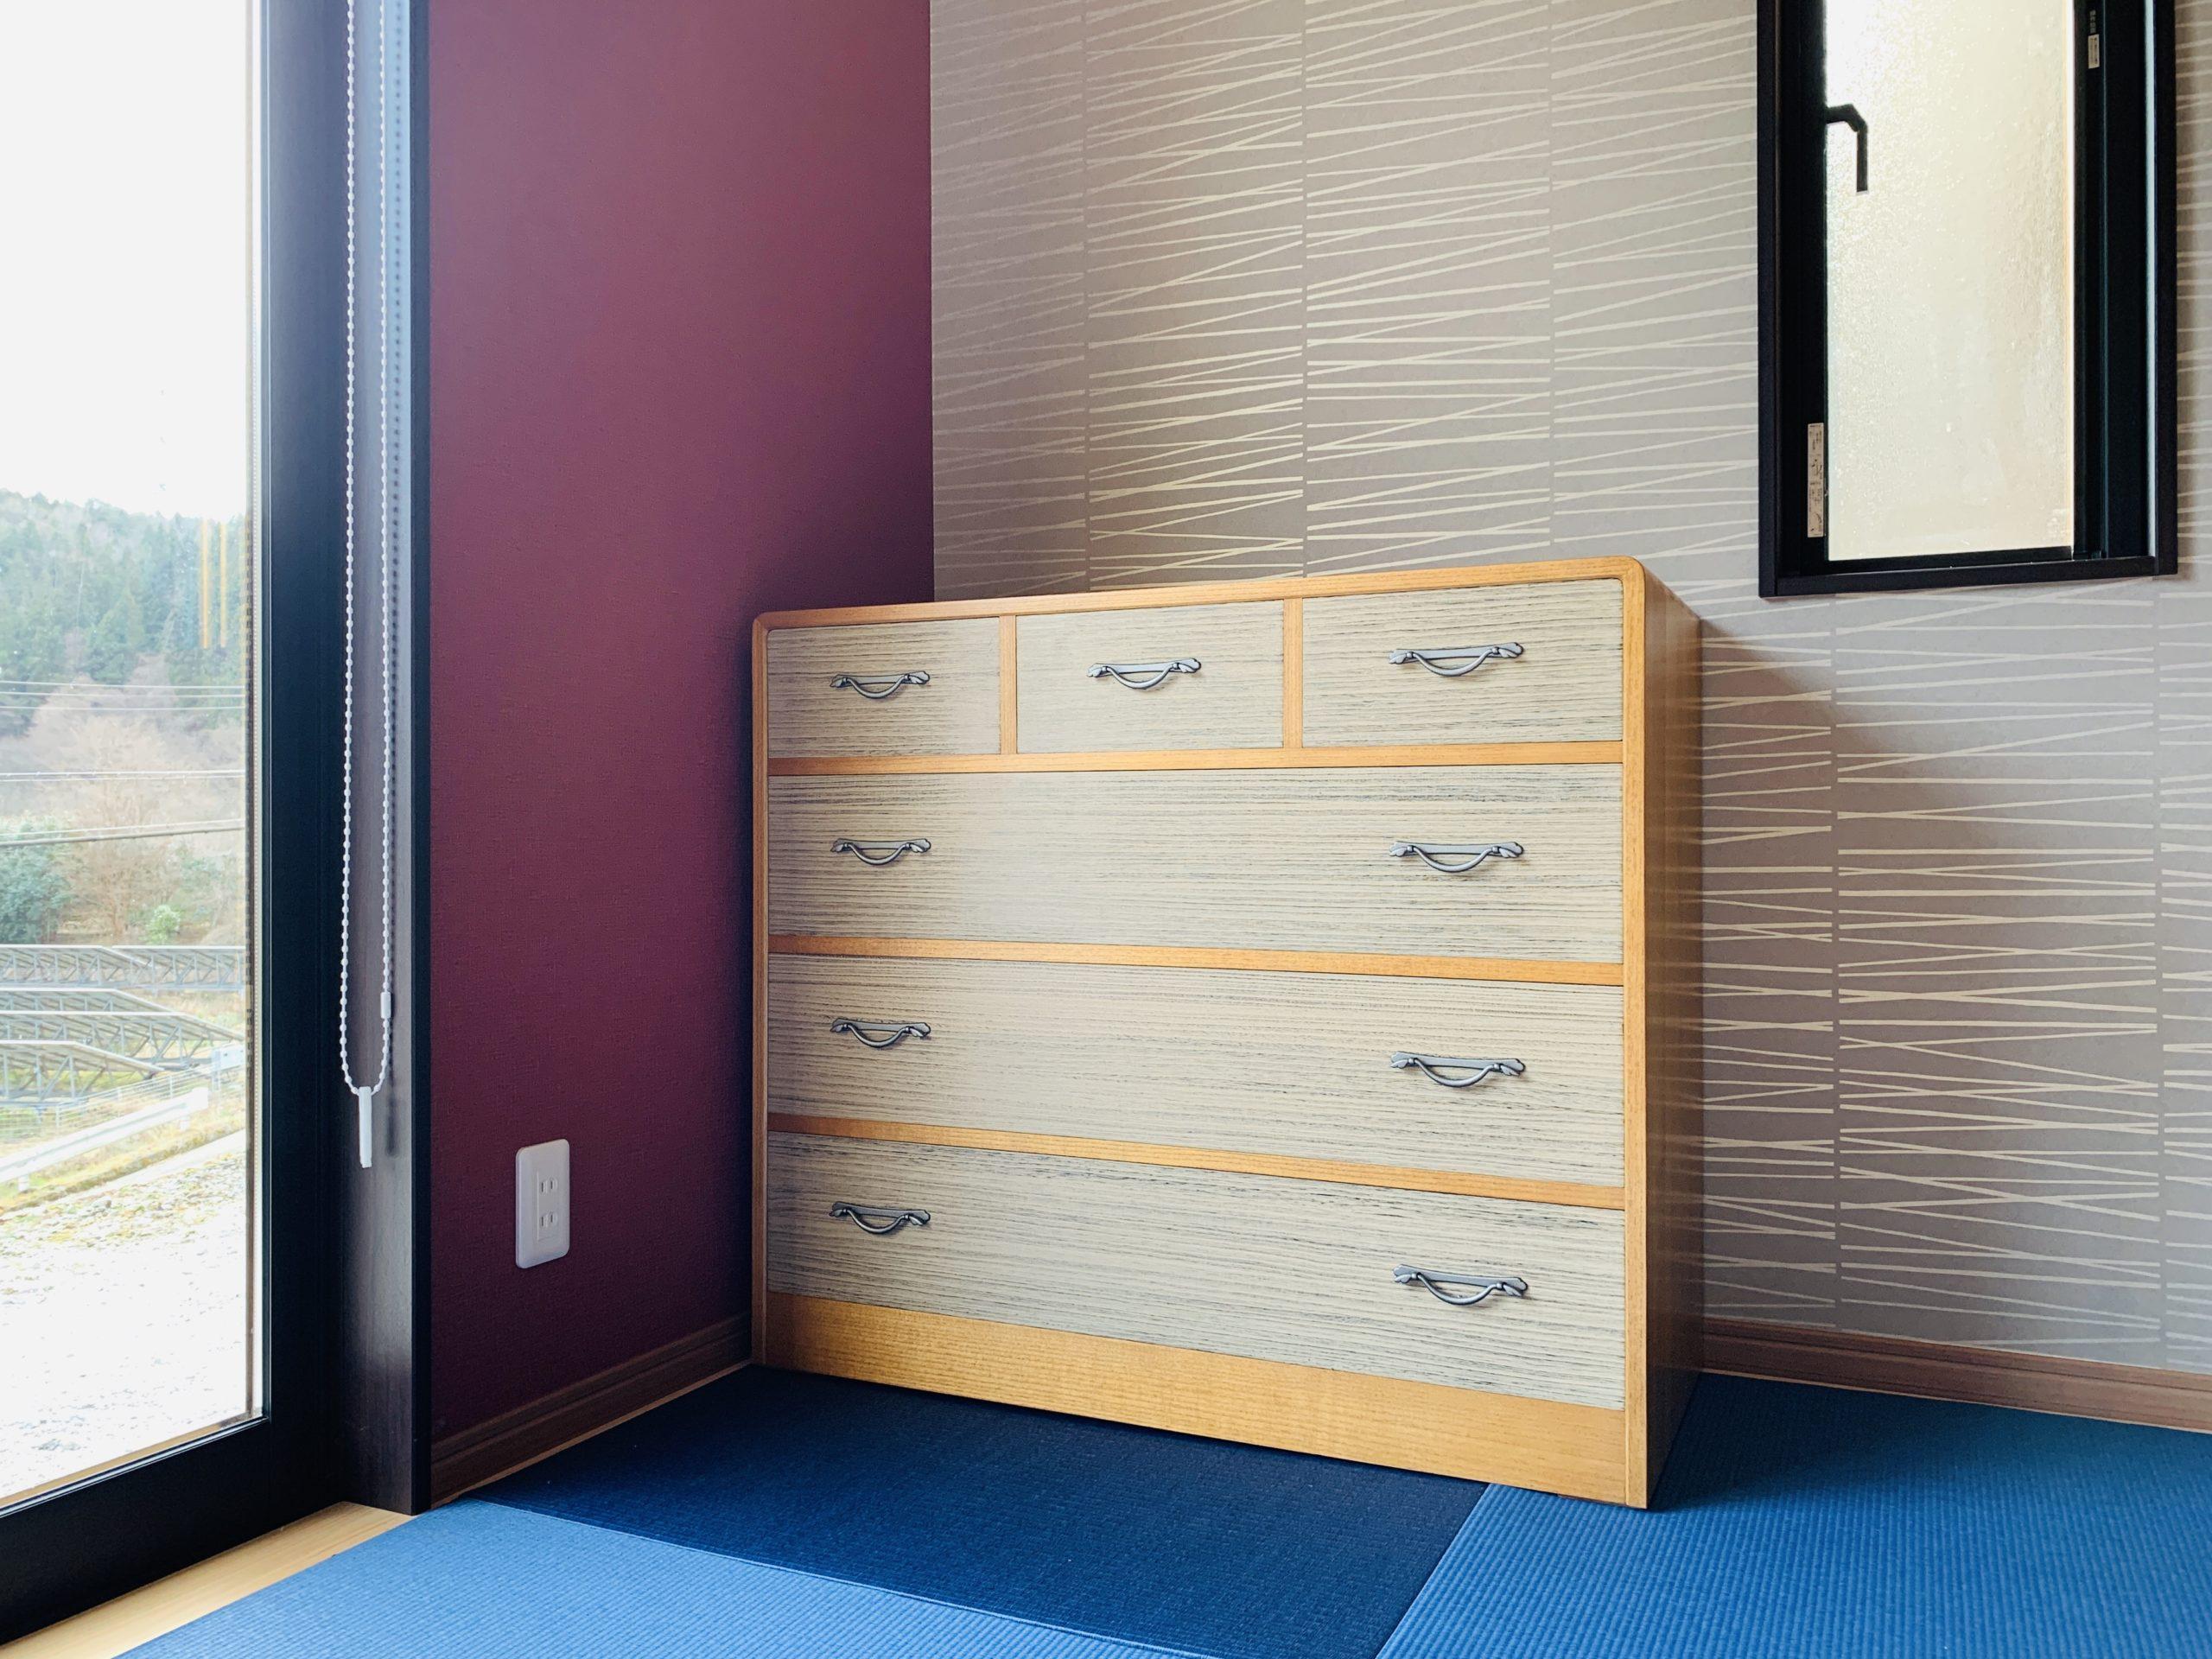 二本松伝統家具 33総桐チェスト 三の三 焼桐時代仕上げ&薄欅色